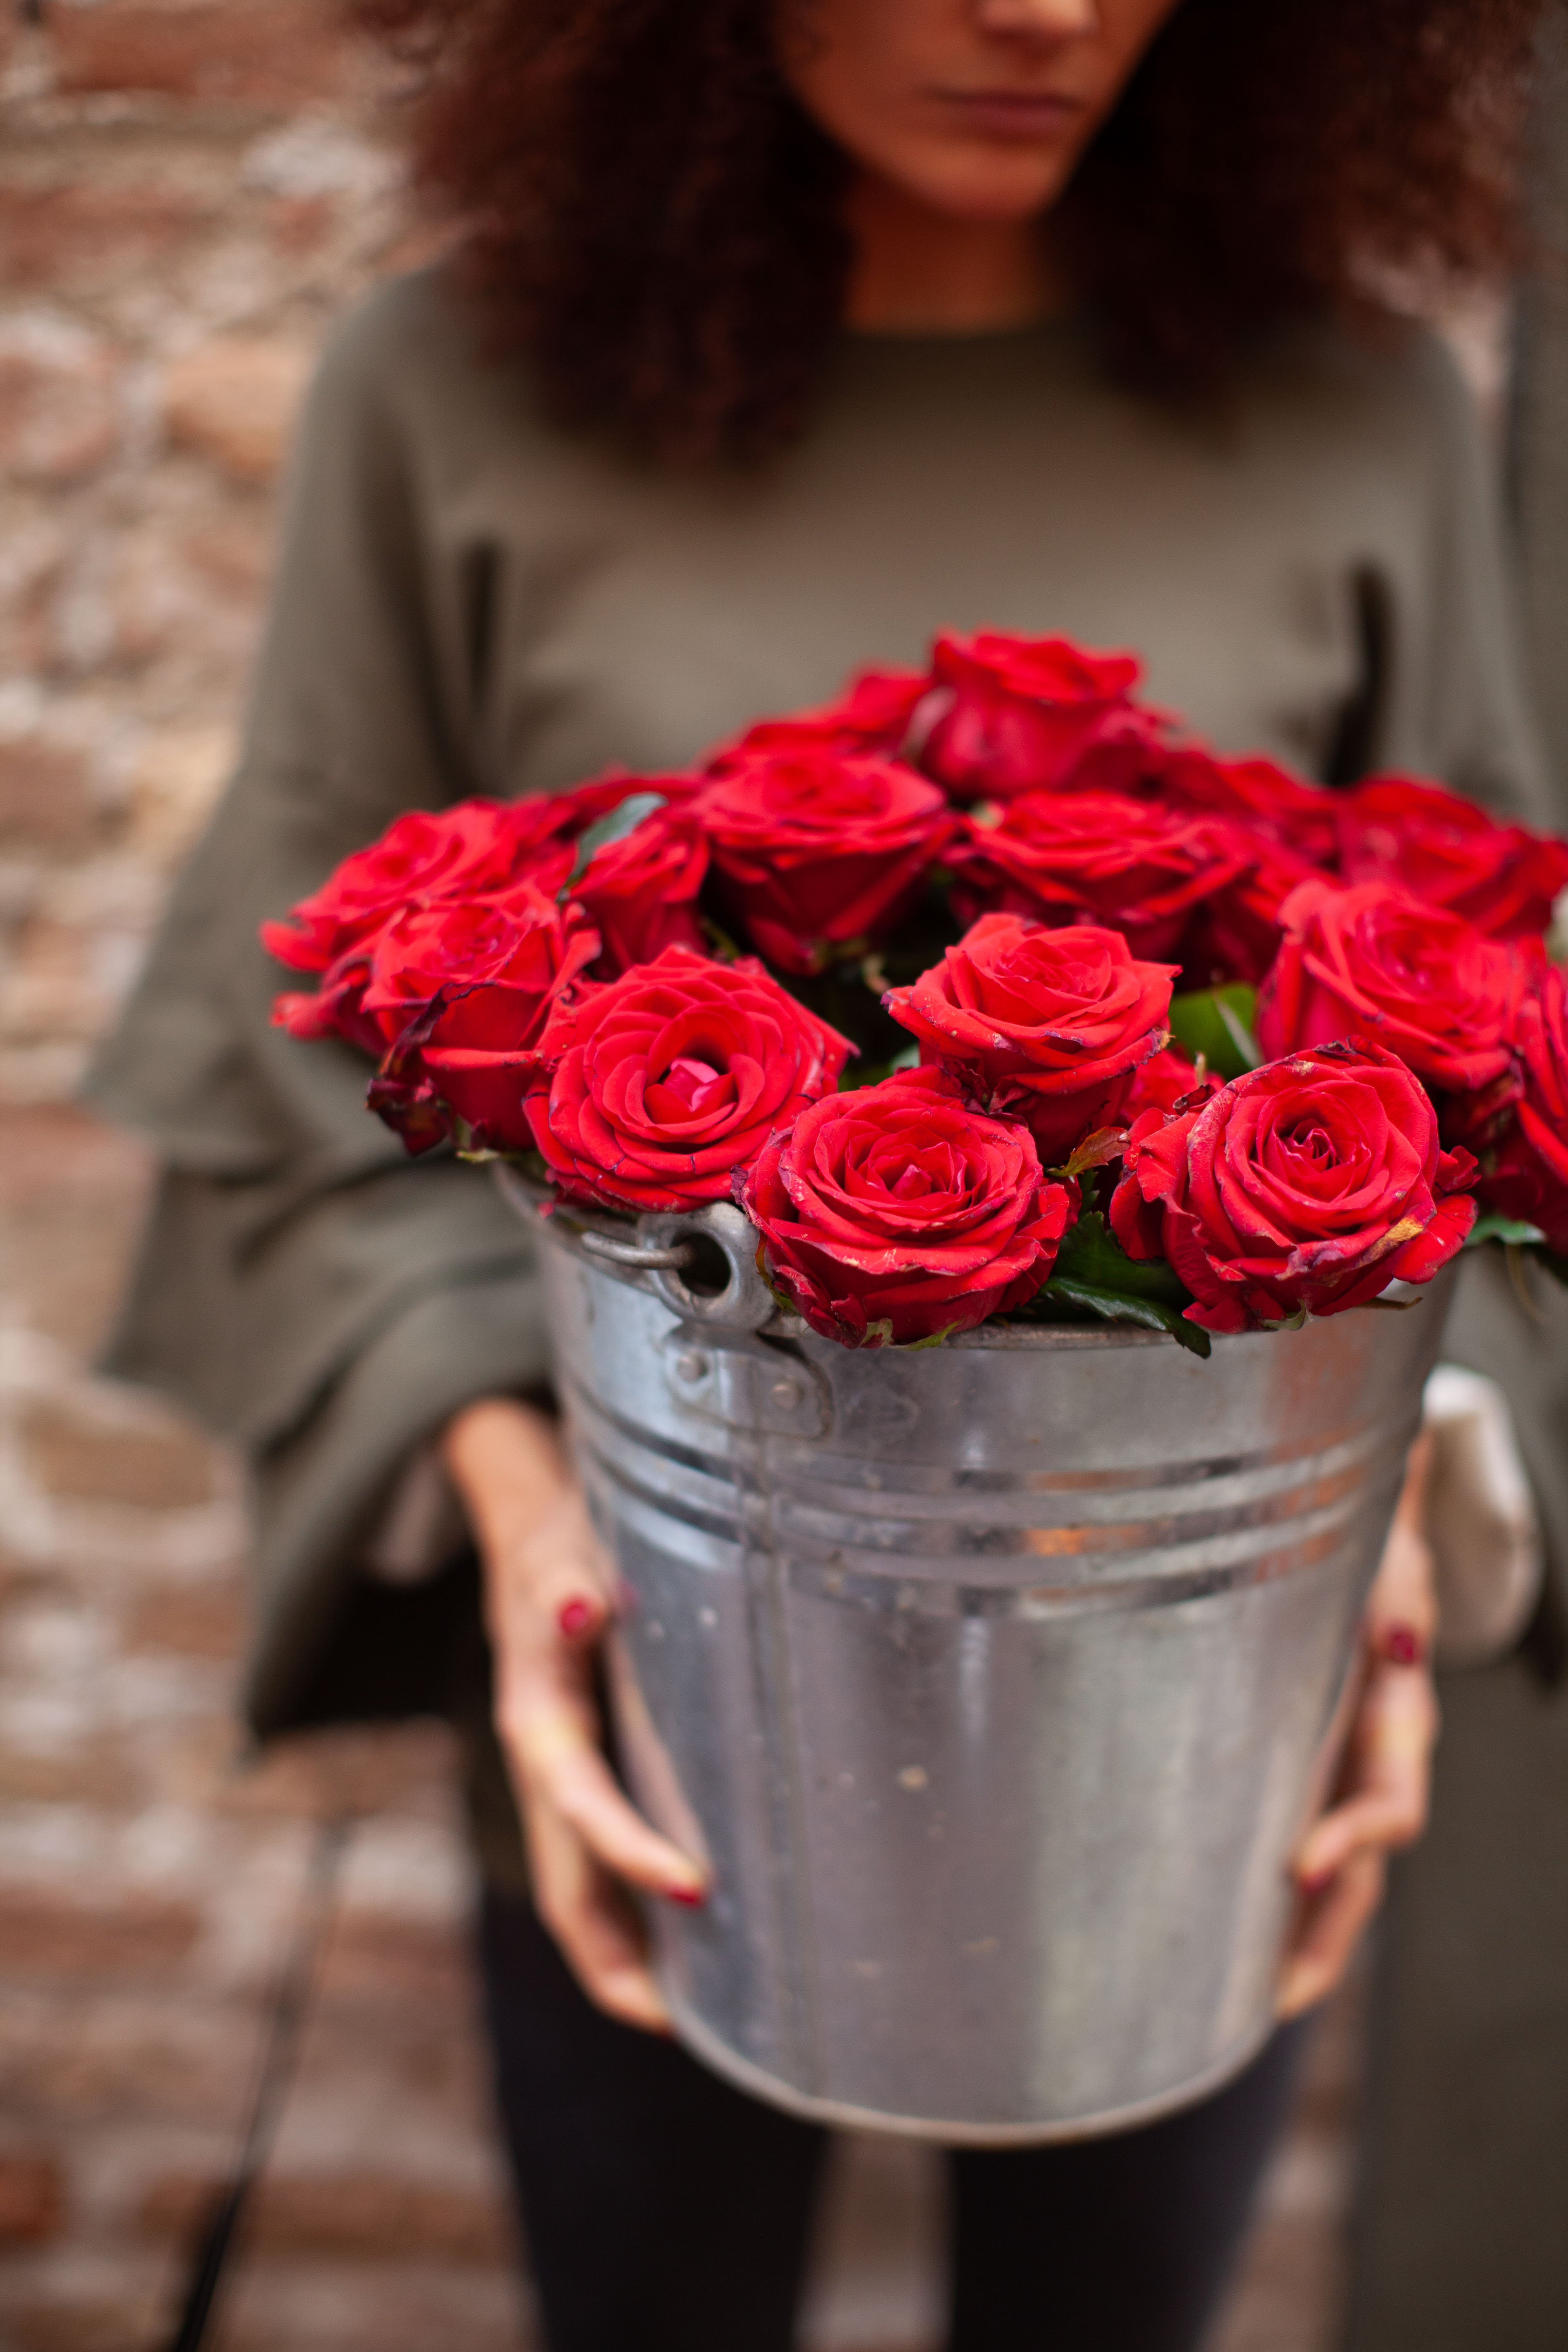 fiori rose rosse